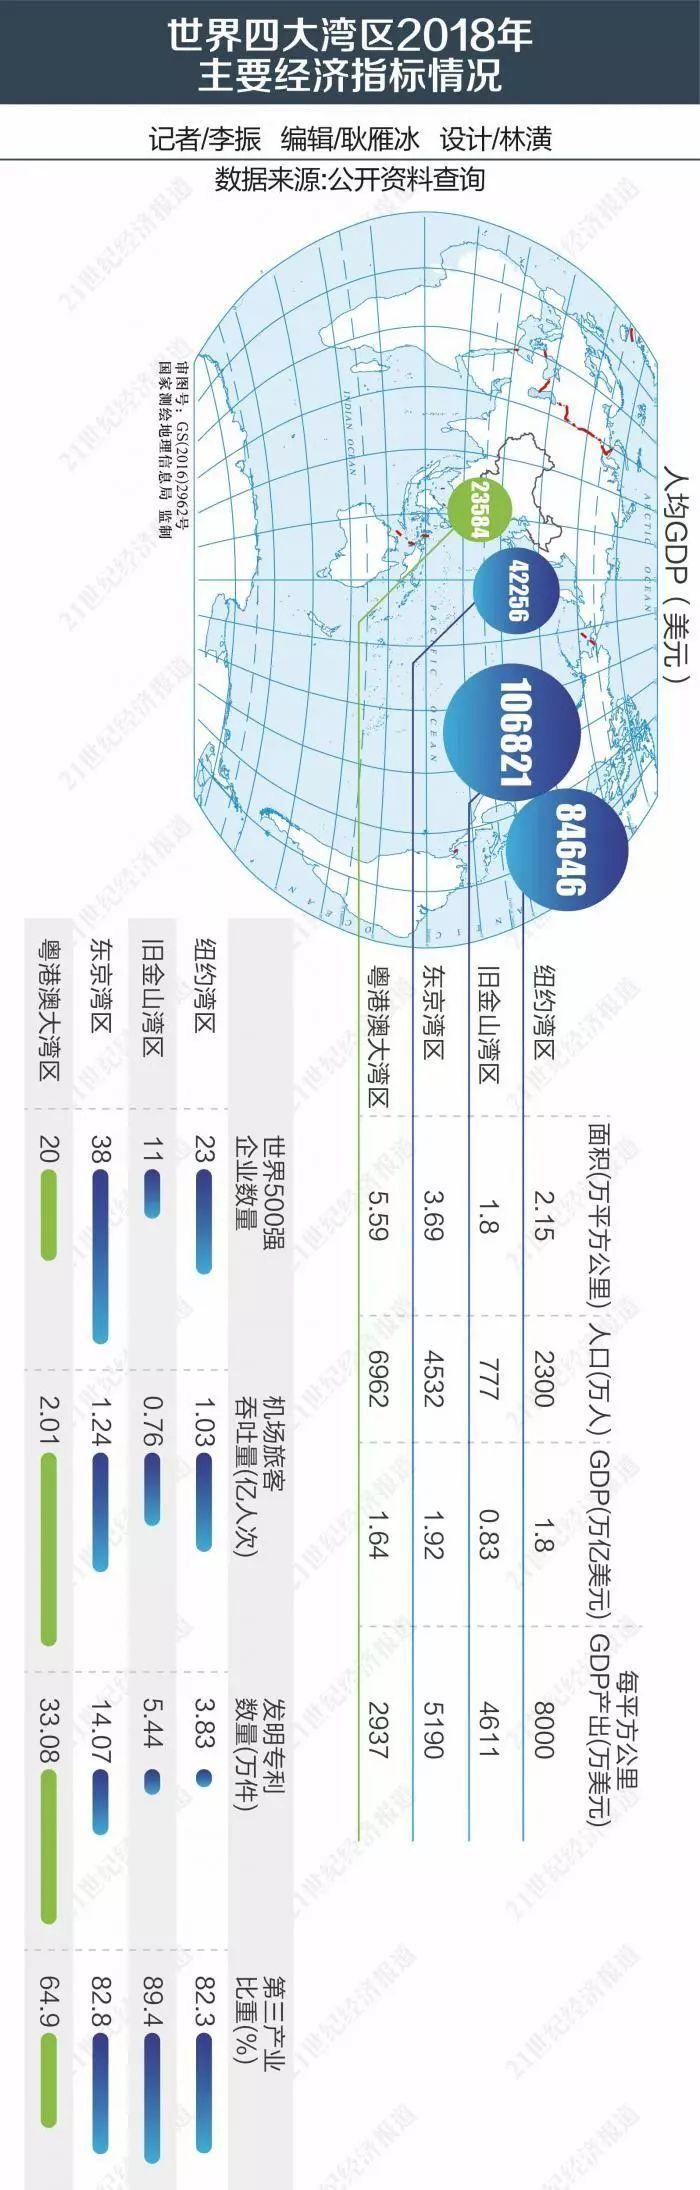 2020年中国经济怎么走?这4个区域的发展很重要